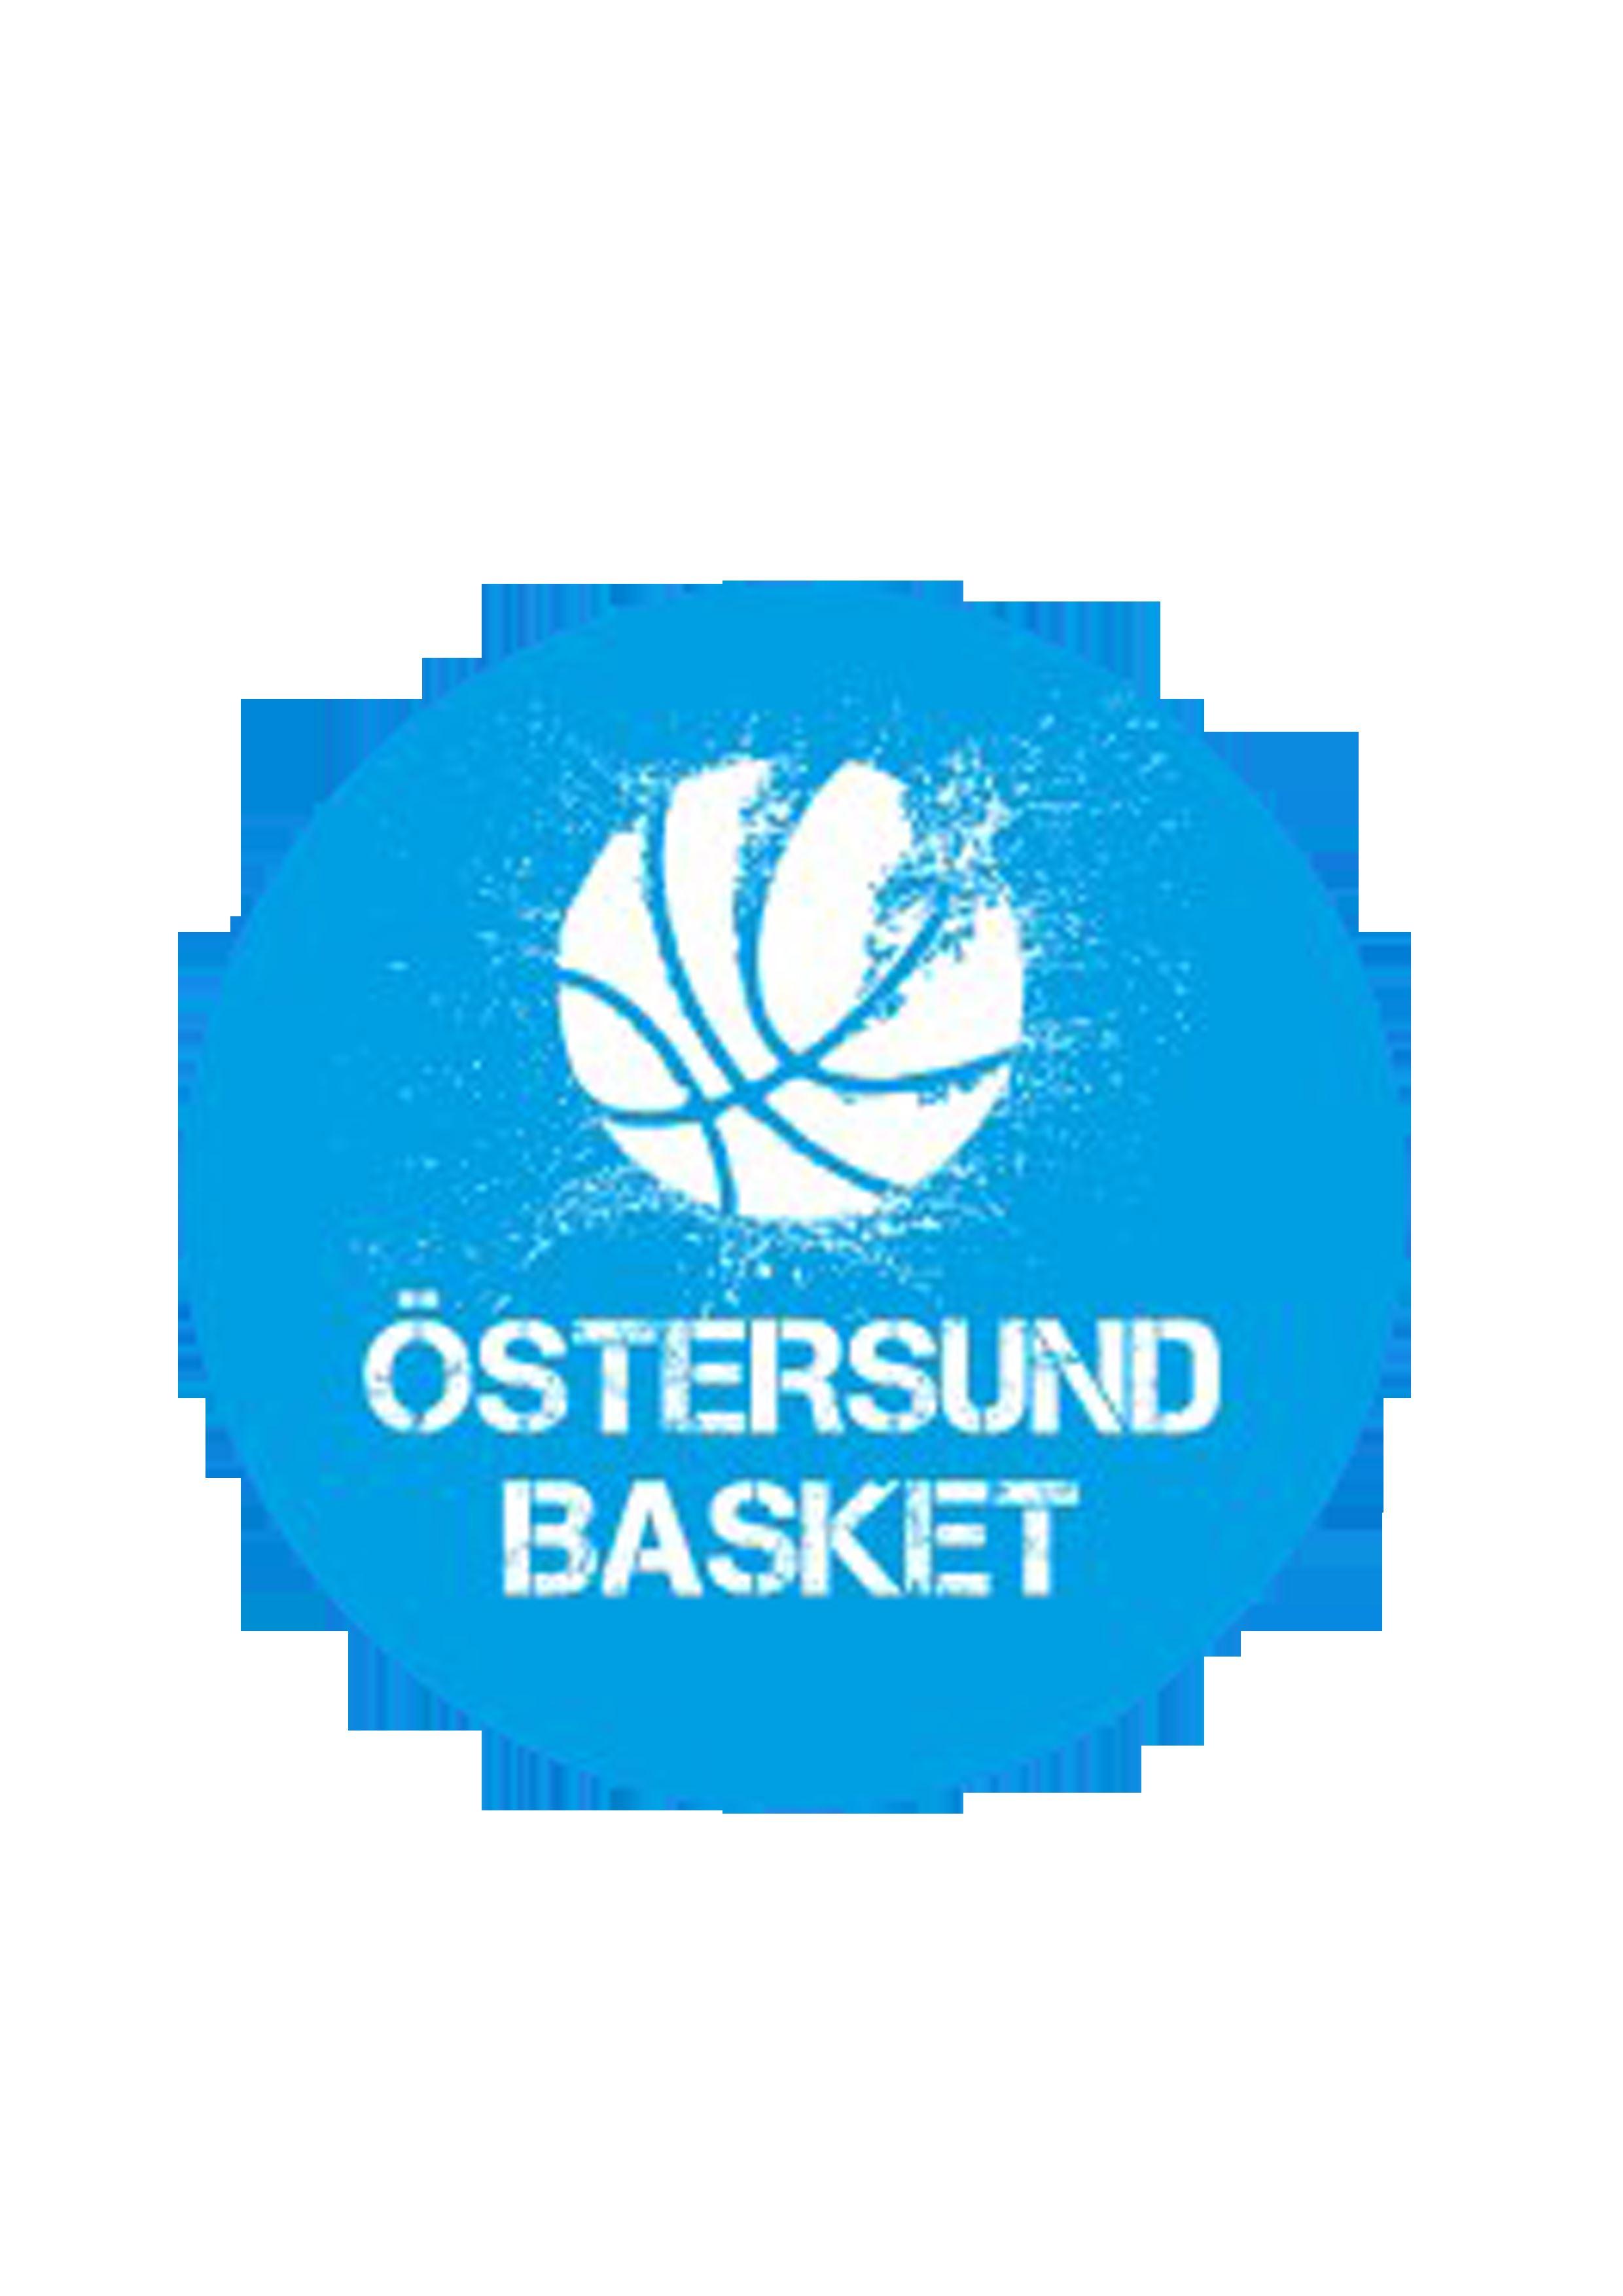 Östersund Basket vs Alvik Basket